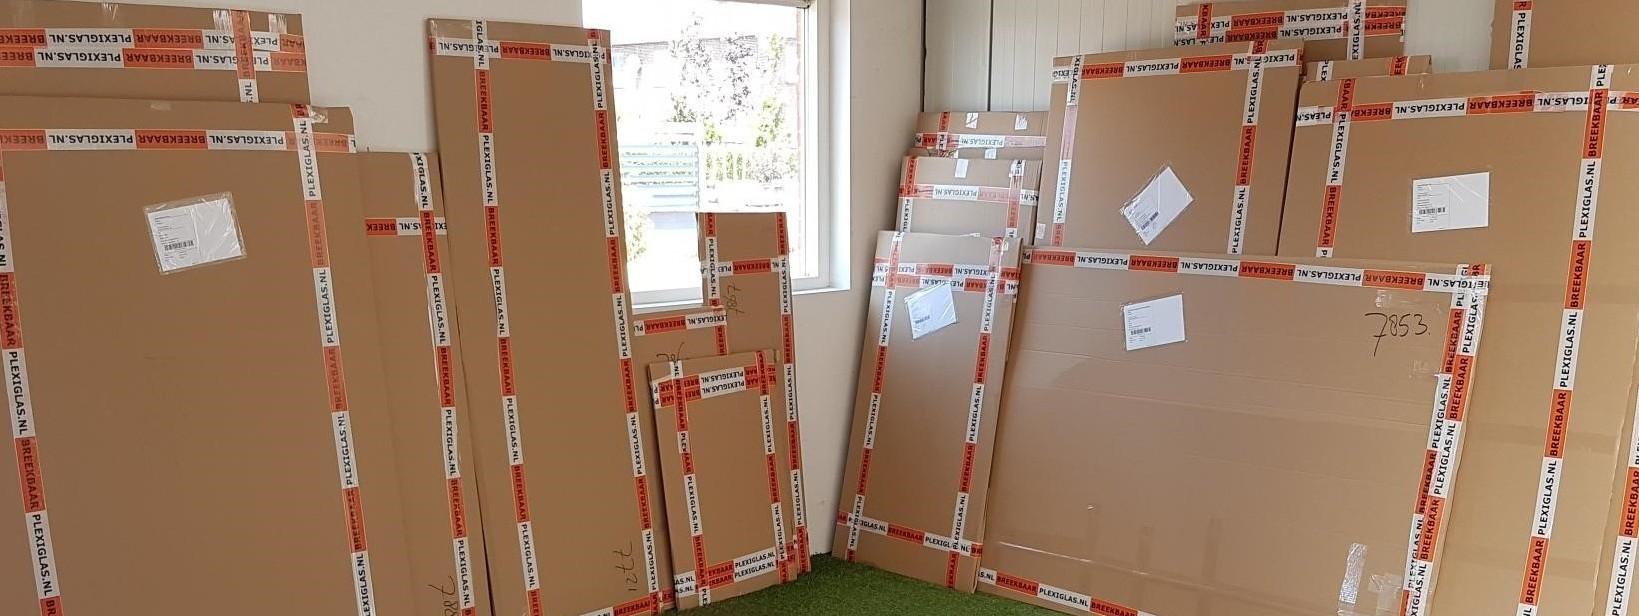 Pakketten klaar voor verzending